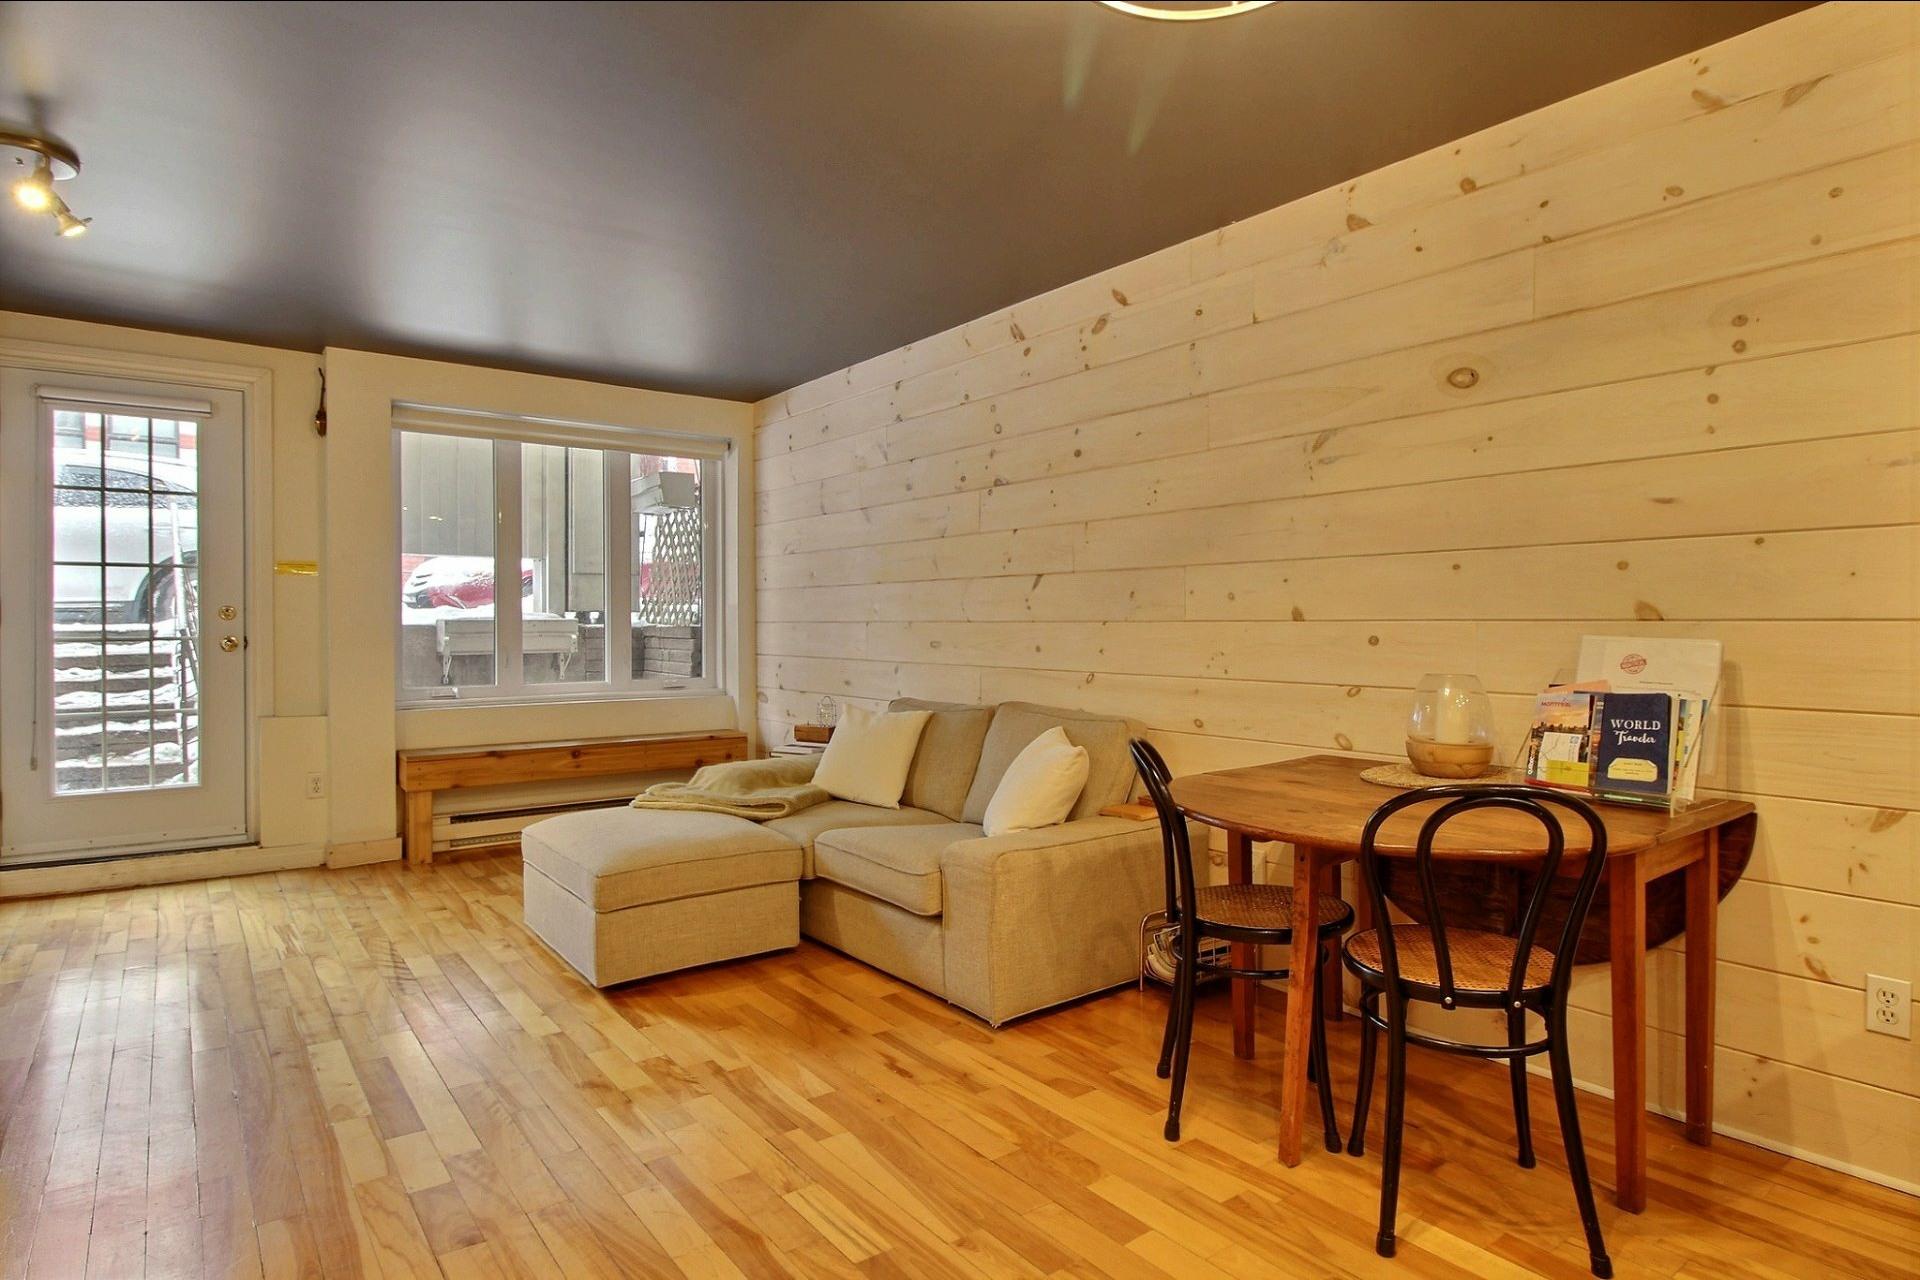 image 1 - Appartement À louer Le Plateau-Mont-Royal Montréal  - 5 pièces